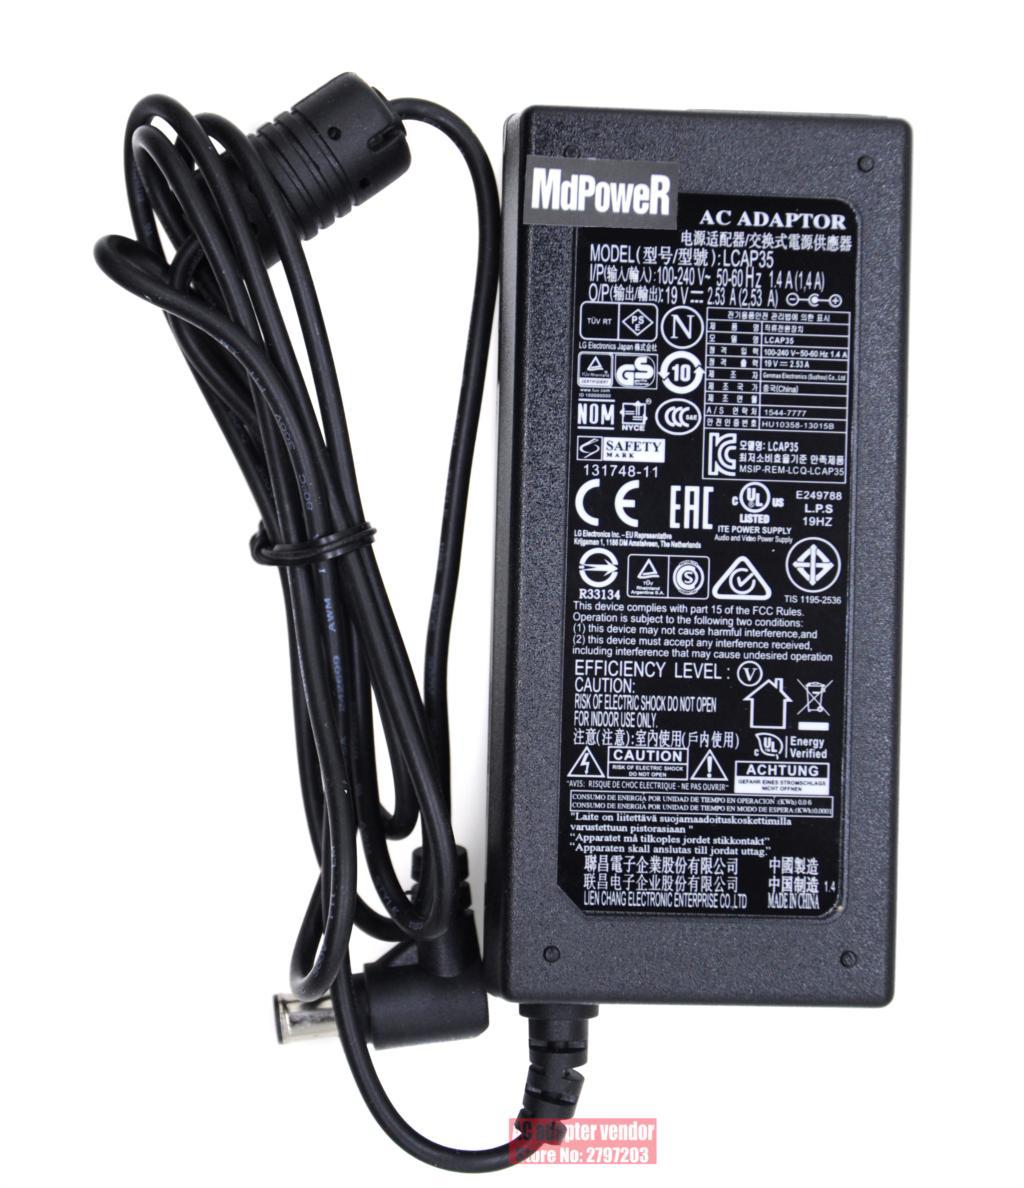 الأصلي الجديد لشركة إل جي شاشات كريستال بلورية LED TV 19 فولت 2.53A LCAP35 التيار المتناوب محول التيار الكهربائي شاحن الحبل